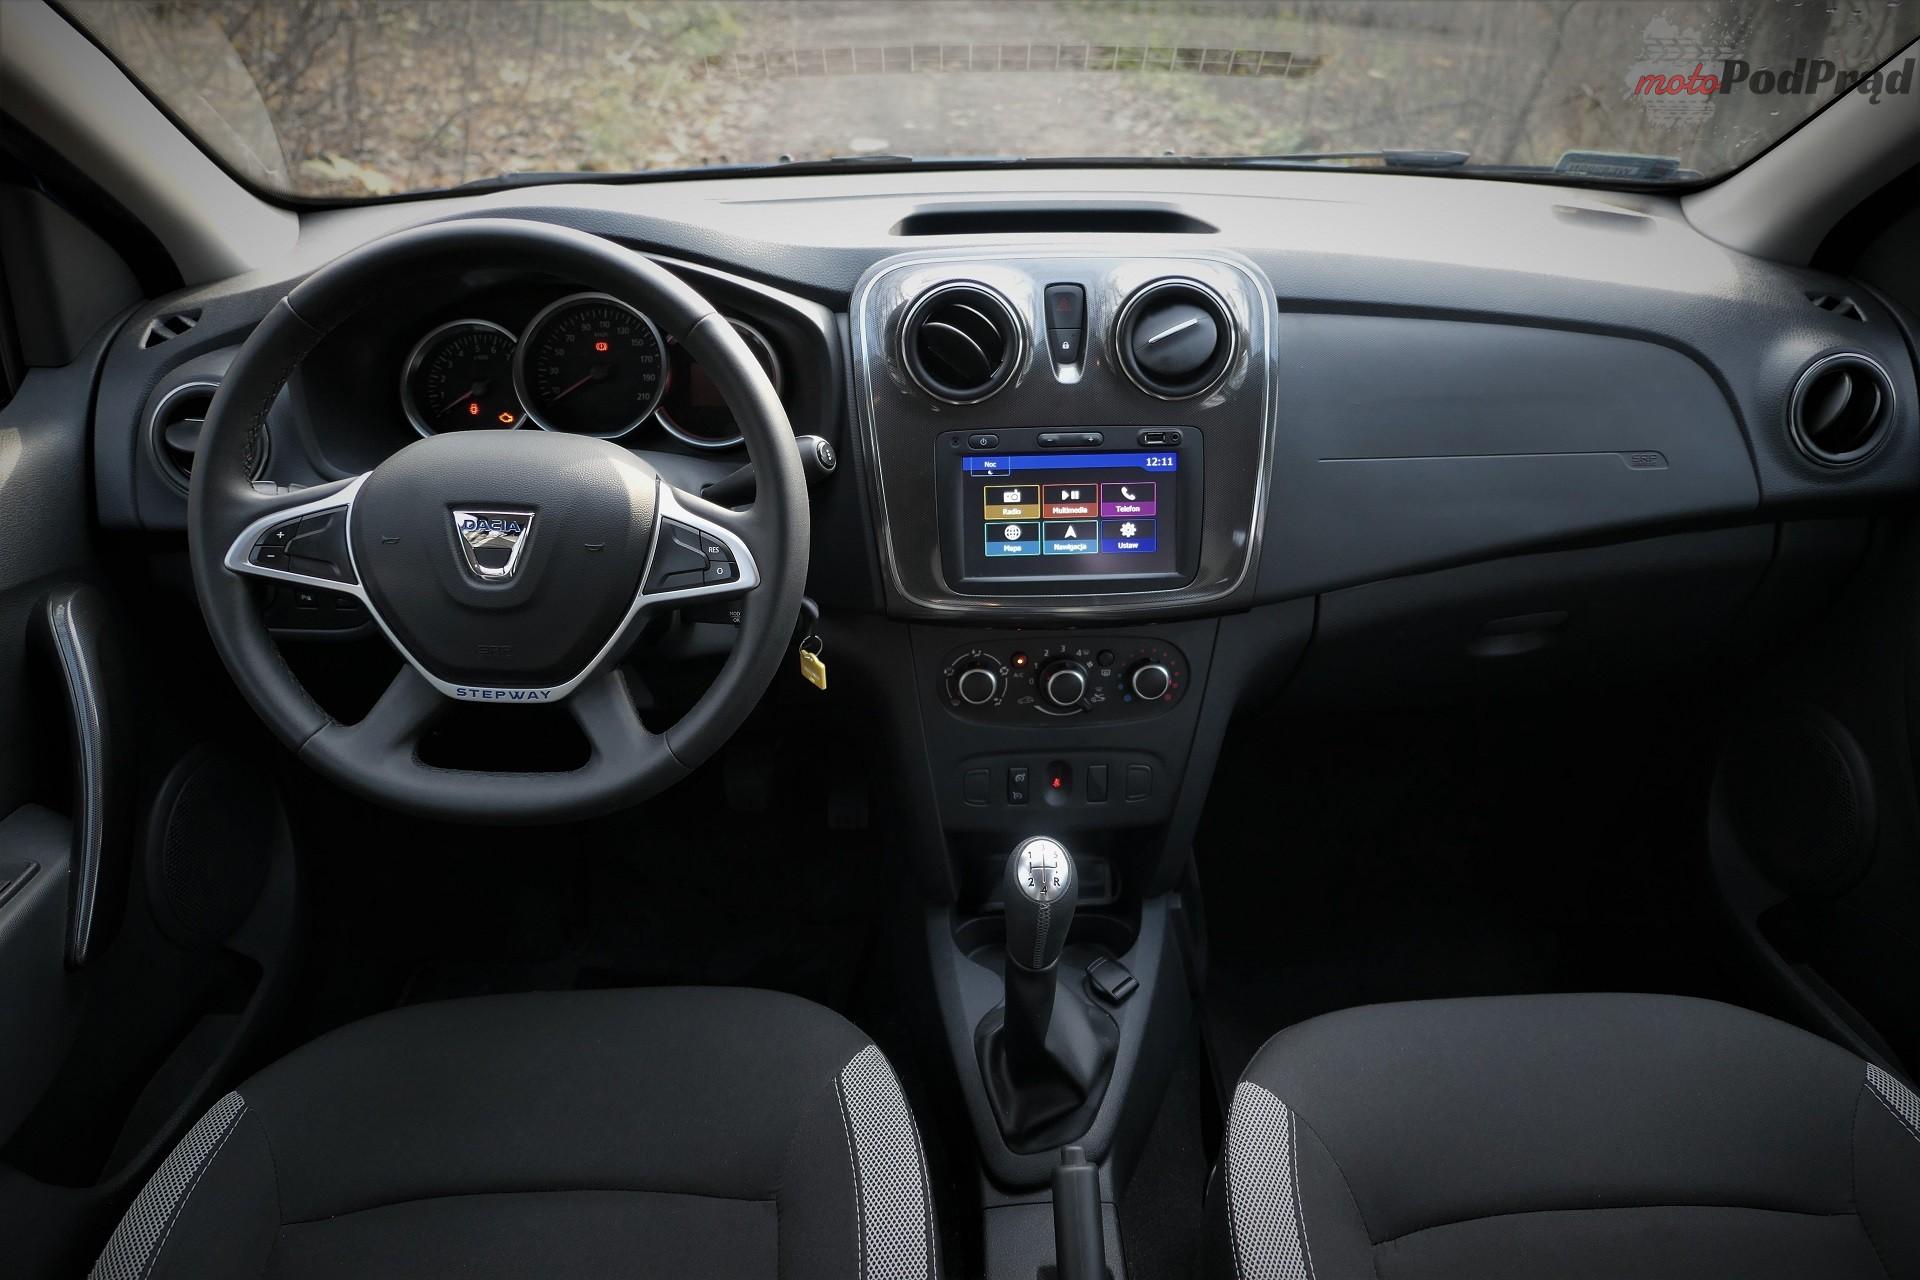 Dacia Sandero Stepway 9 Test: Dacia Sandero Stepway   w prostocie siła